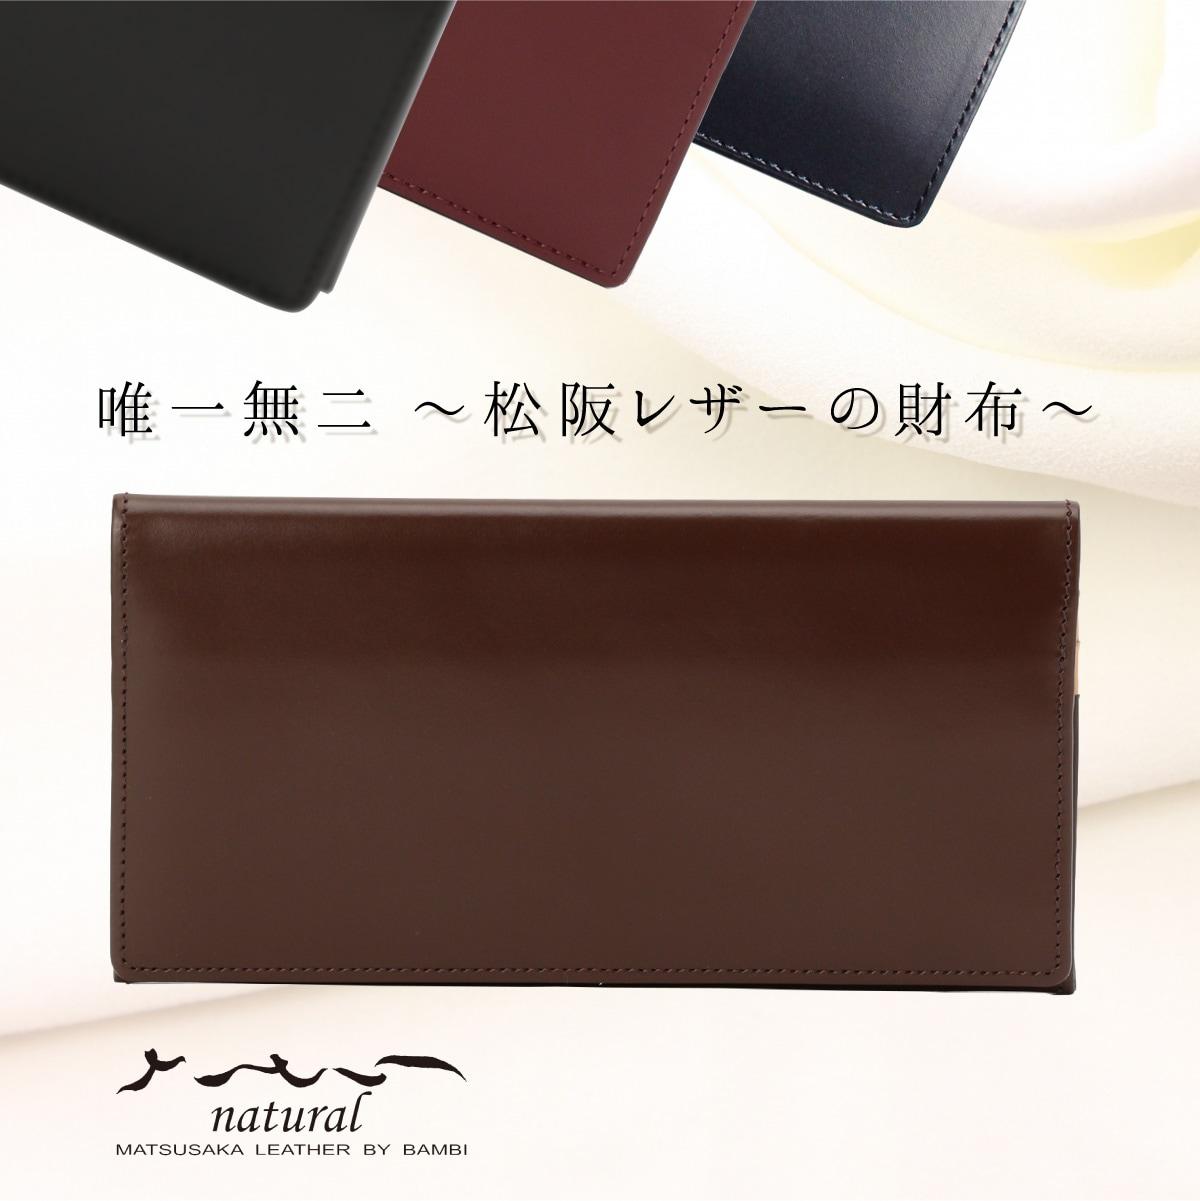 松阪レザーのプレミアム財布 さとりナチュラル 長財布 【カラー:豊土】 開運グッズ